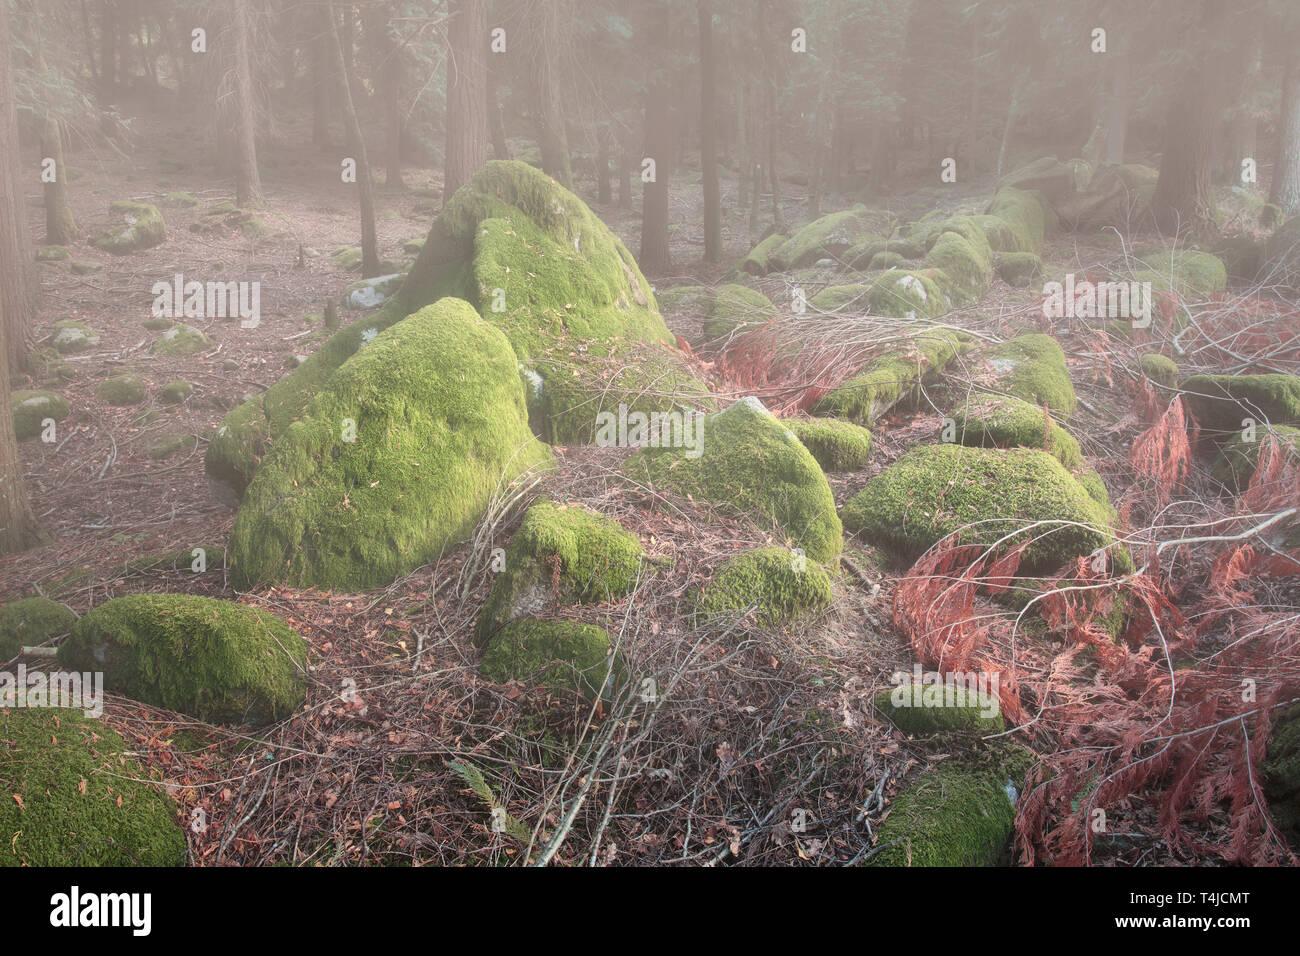 Tiefe nebligen Wald Steine mit Moos im frühen Morgenlicht abgedeckt. Stockfoto